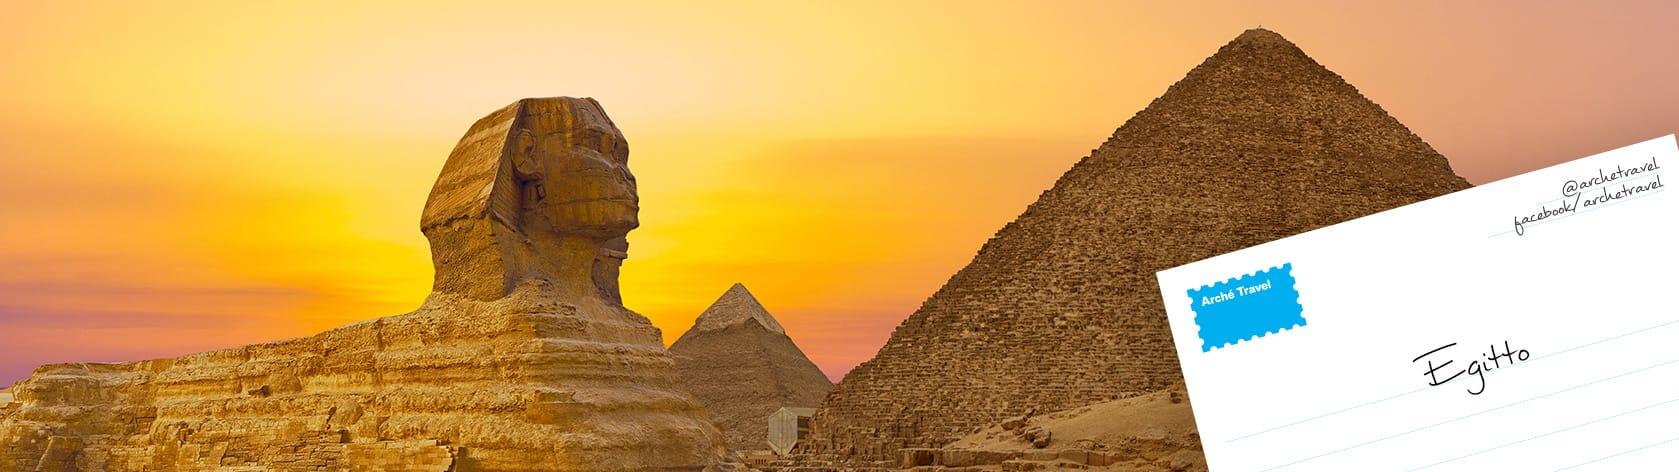 Viaggi in Egitto Viaggiare Sicuri